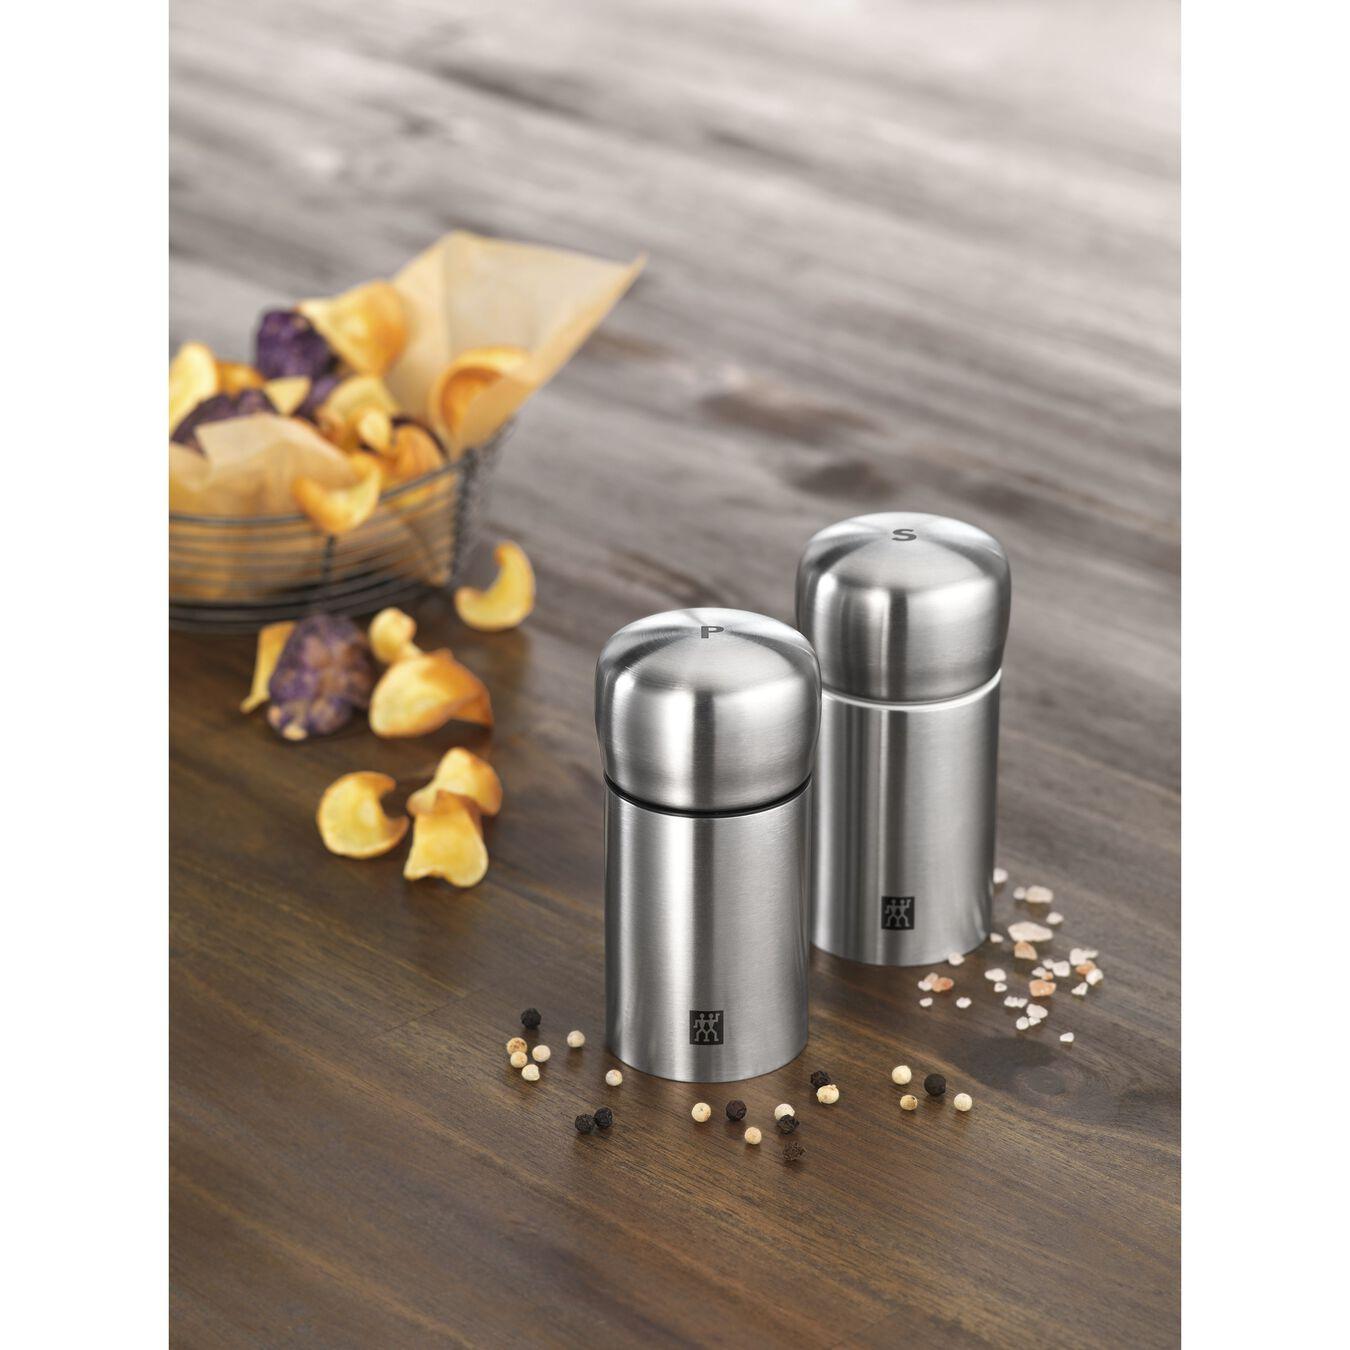 Salt/peber kværn 11 cm, Rustfrit stål, Sølv,,large 2